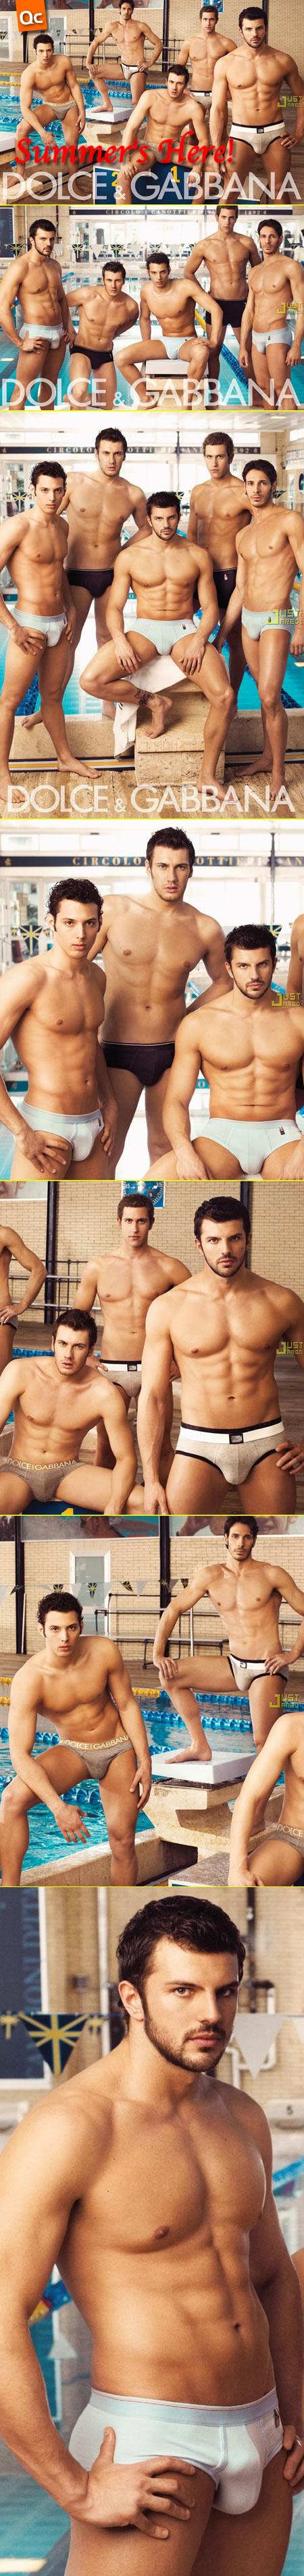 Dolce & Gabanna Underwear: Summer's Here!